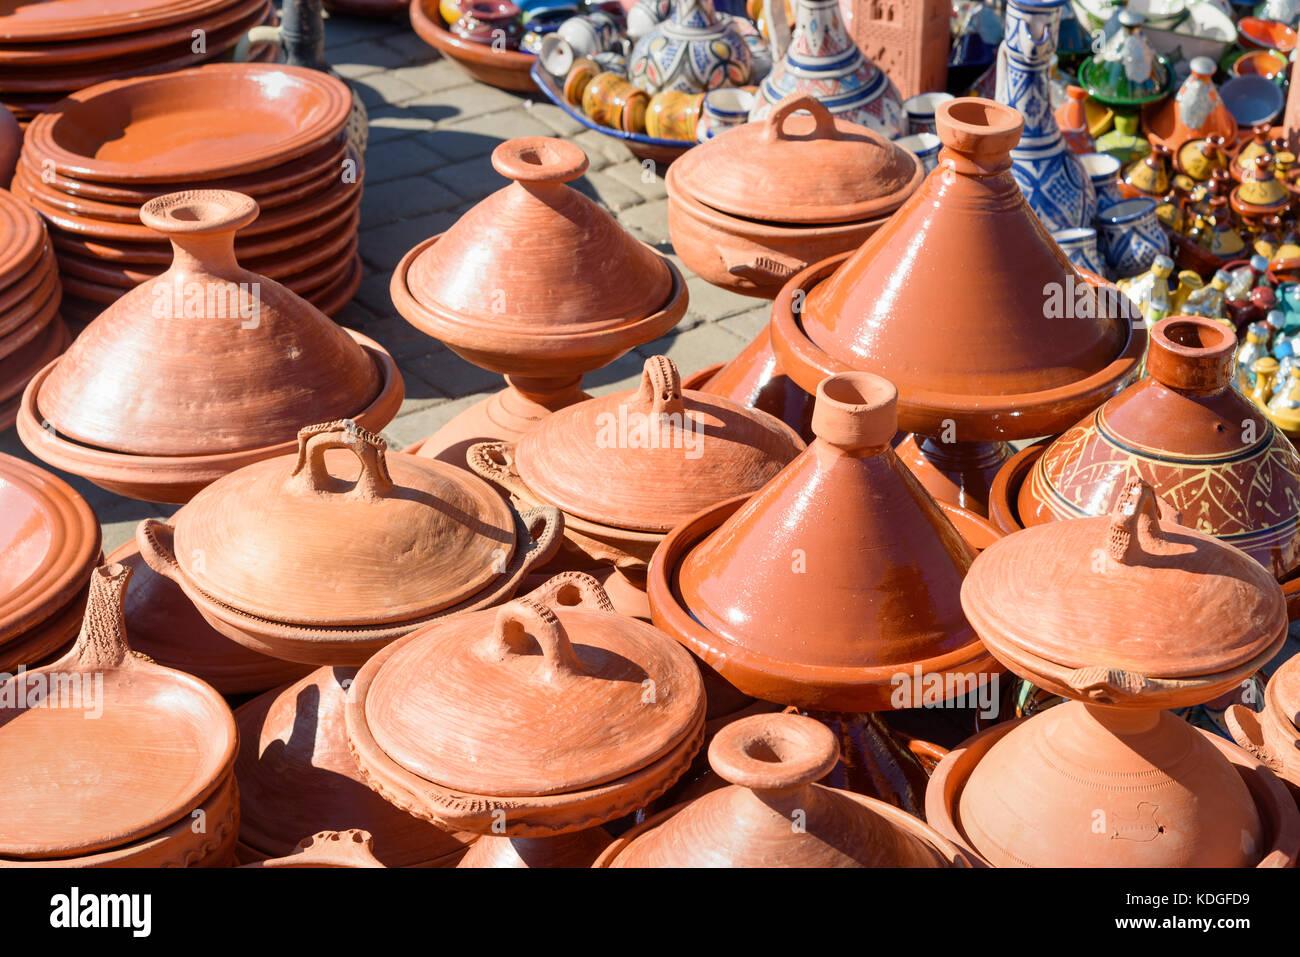 Traditionelle Keramik tagins zum Verkauf in Stadt Markt in Meknes. Marokko Stockfoto